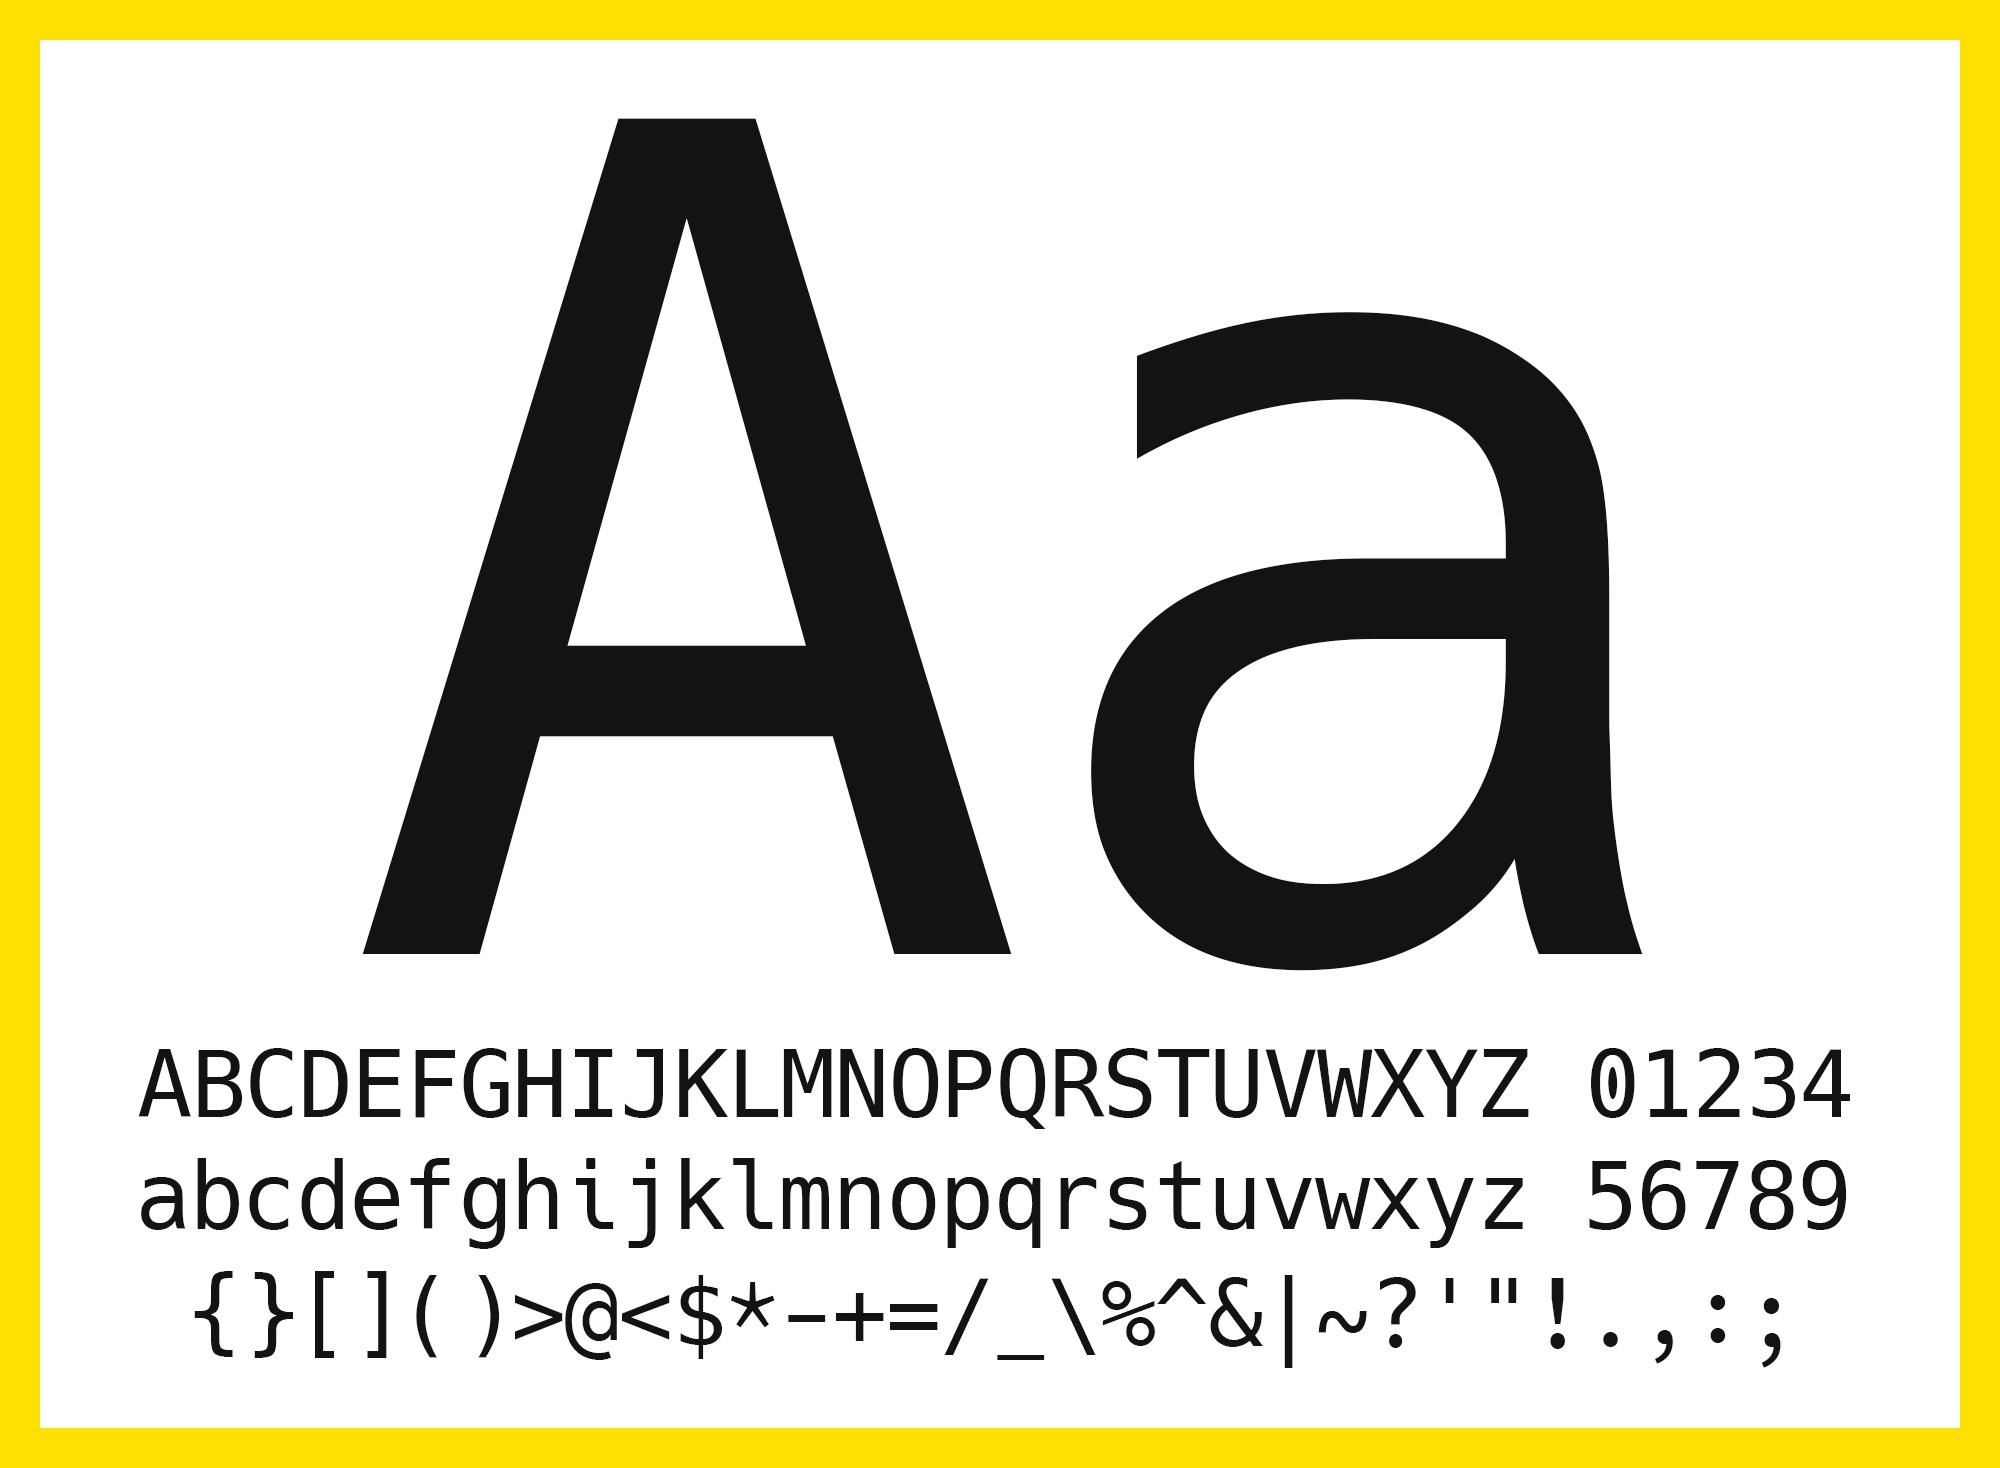 Hack, una tipografía monoespaciada